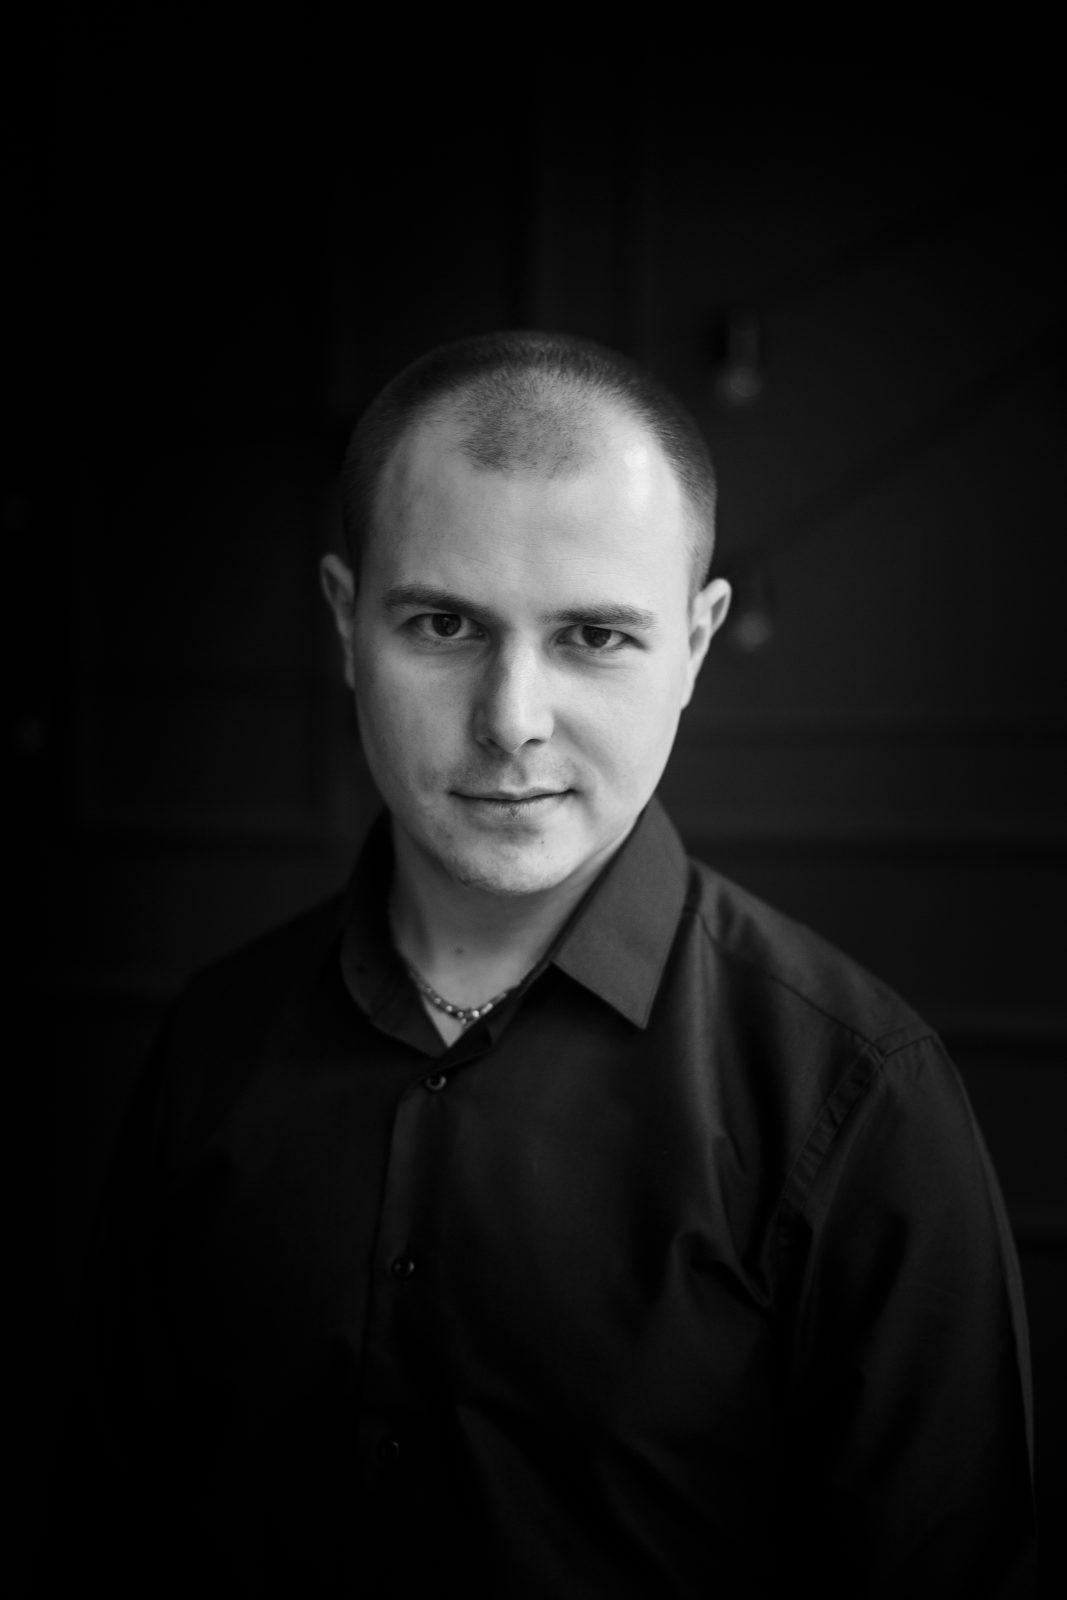 Калініченко Олег Олександрович